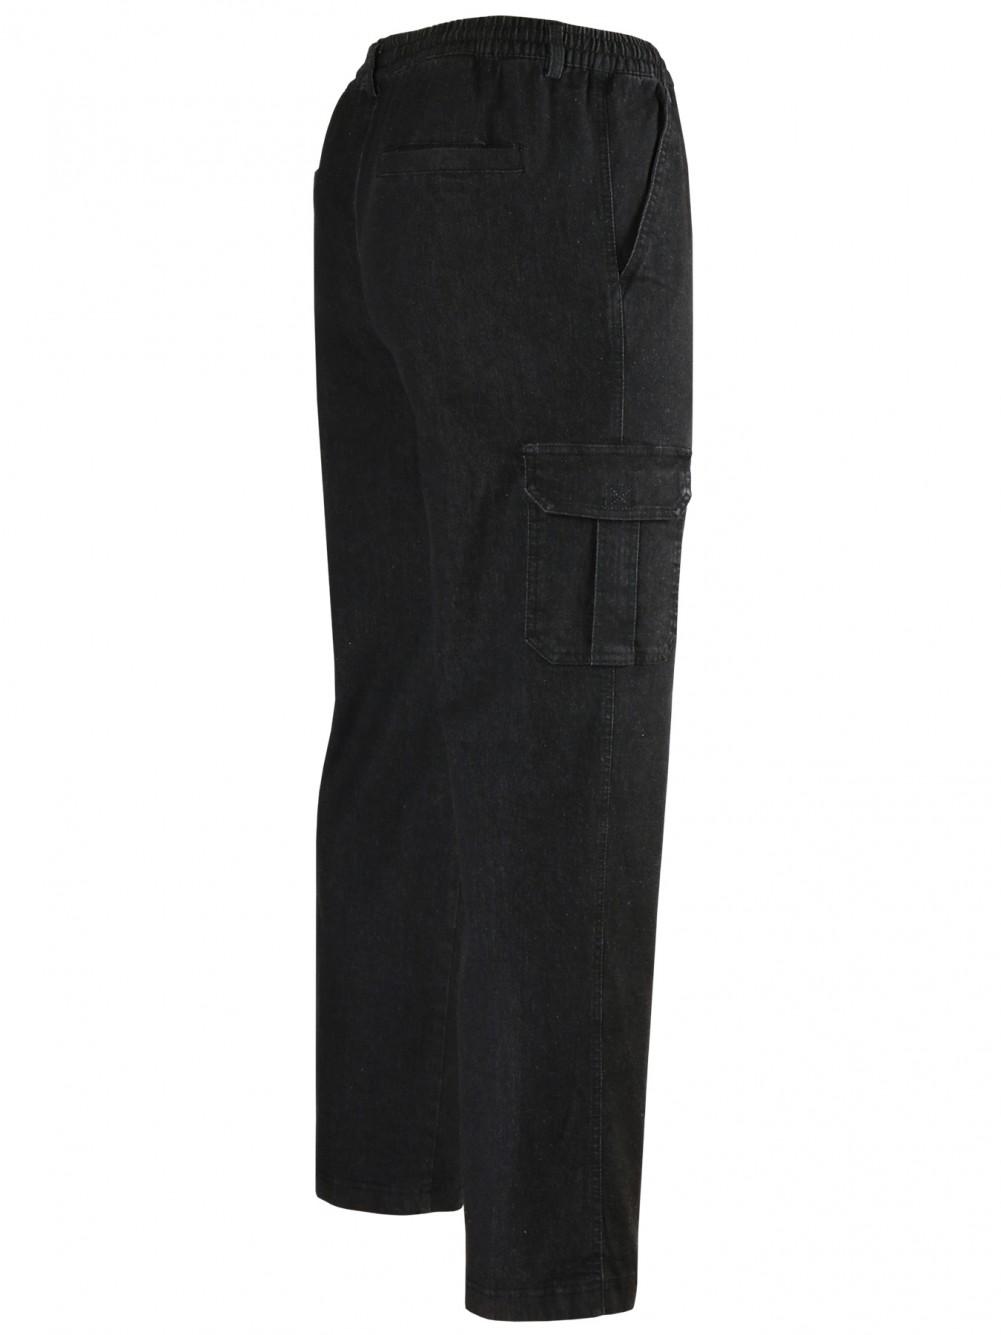 PAPADAY-Jeans Schlupfhosen - schwarz/Seitenansicht